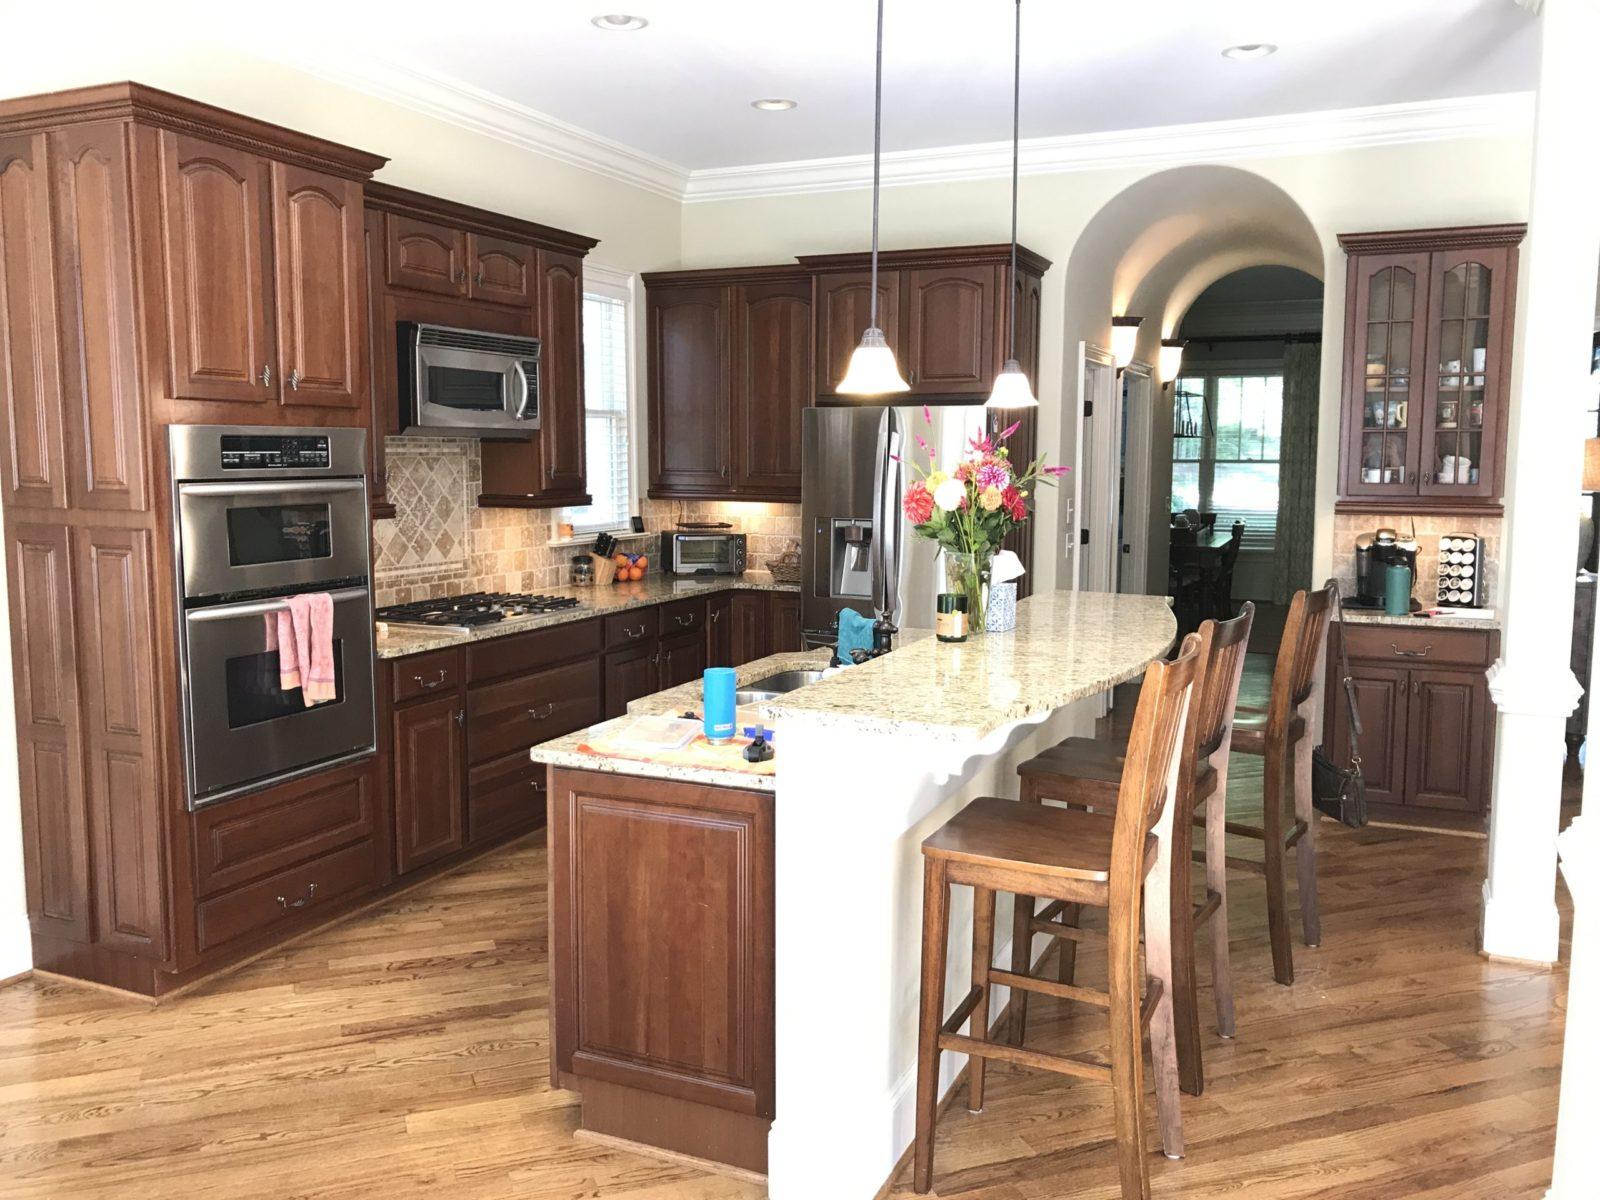 farmhouse-style-kitchen-before